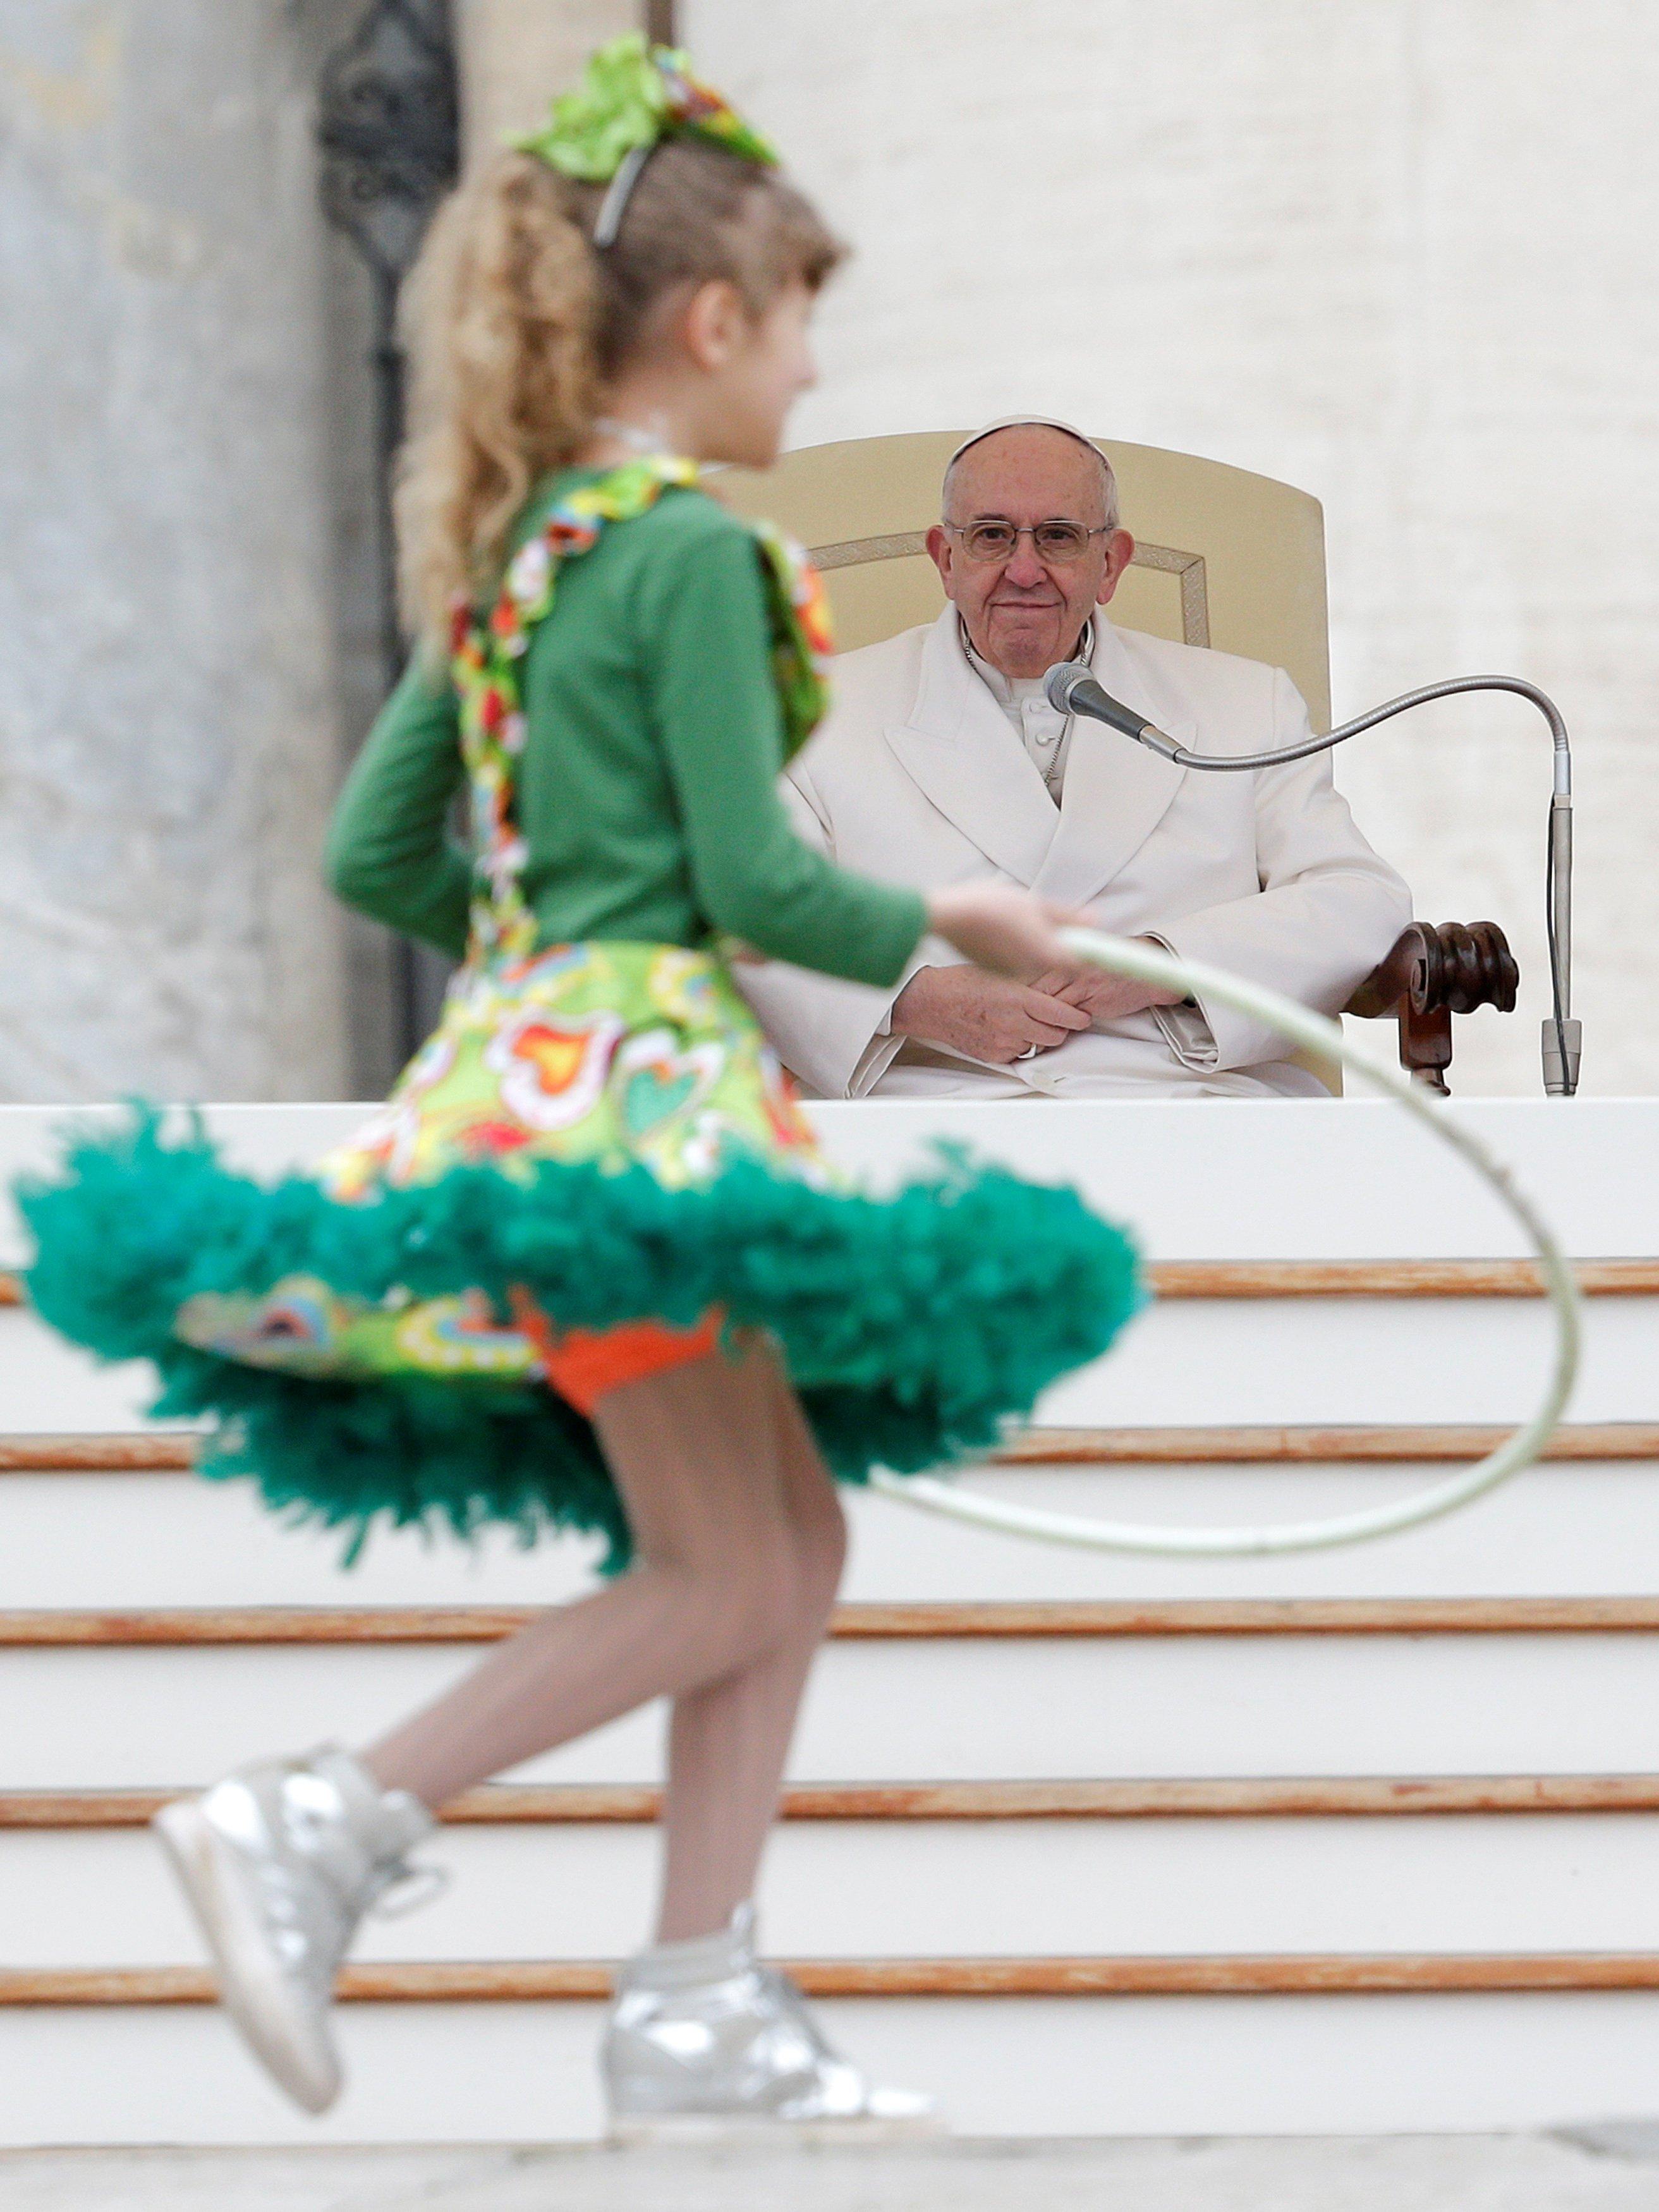 طفلة ترقص أمام بابا الفاتيكان - رويترز